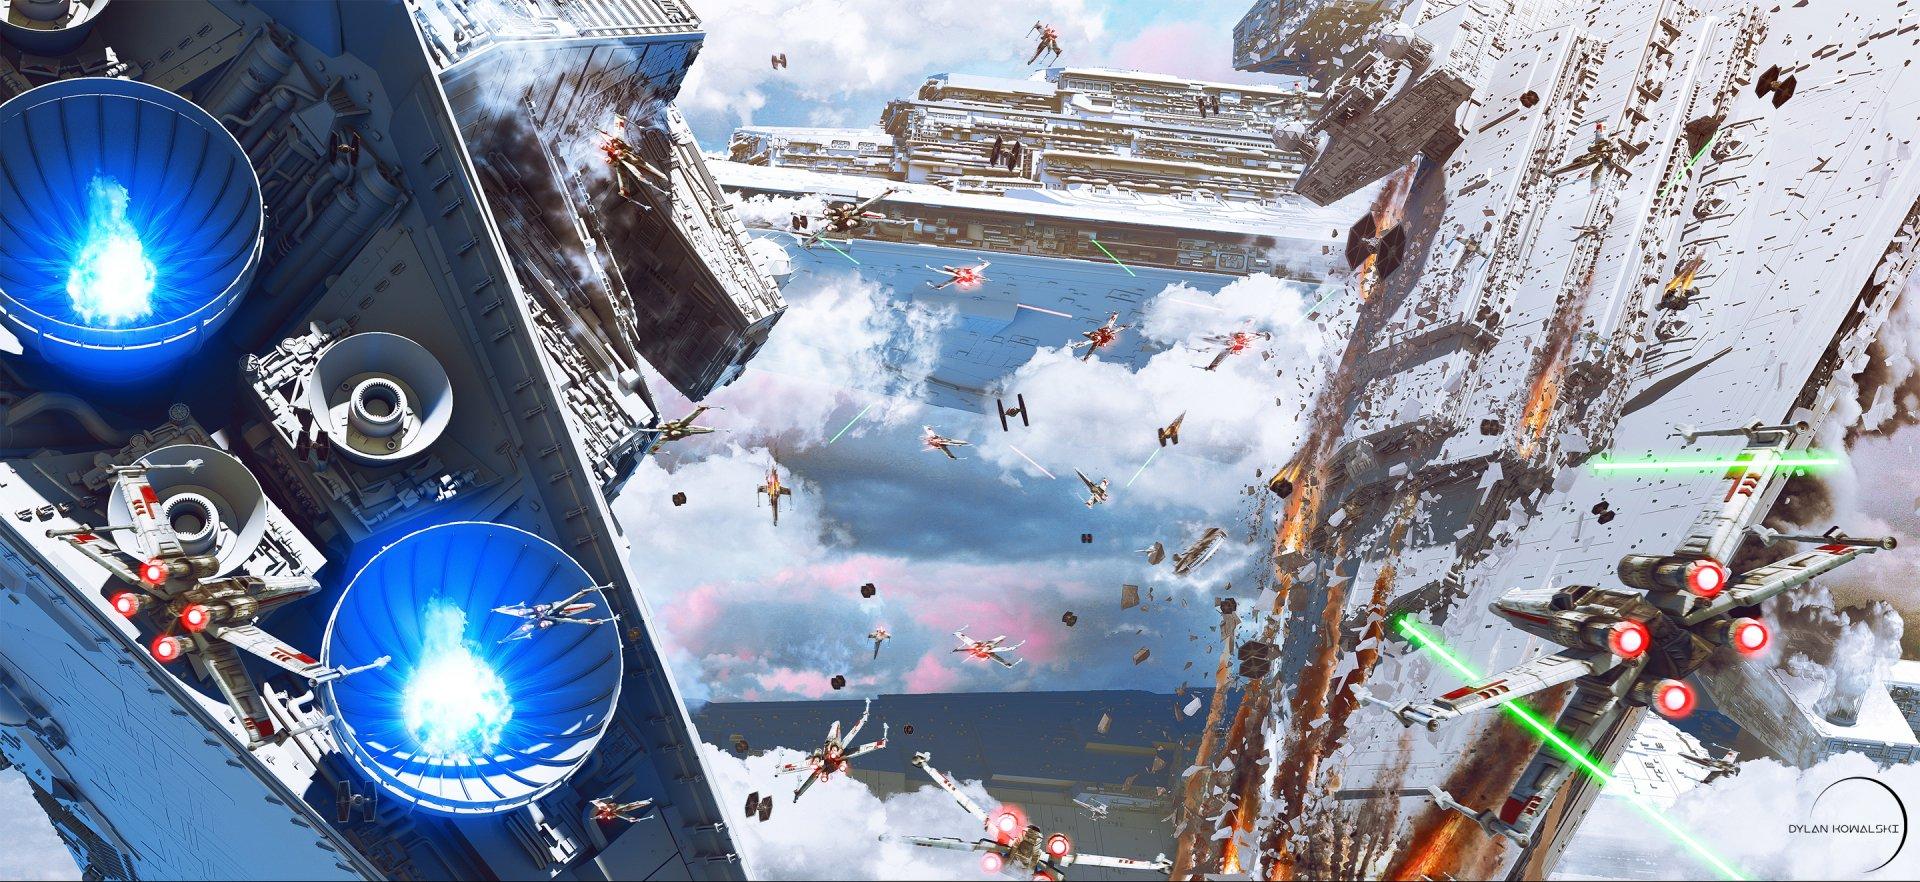 Sci Fi - Star Wars  Battle Star Destroyer X-Wing Wallpaper